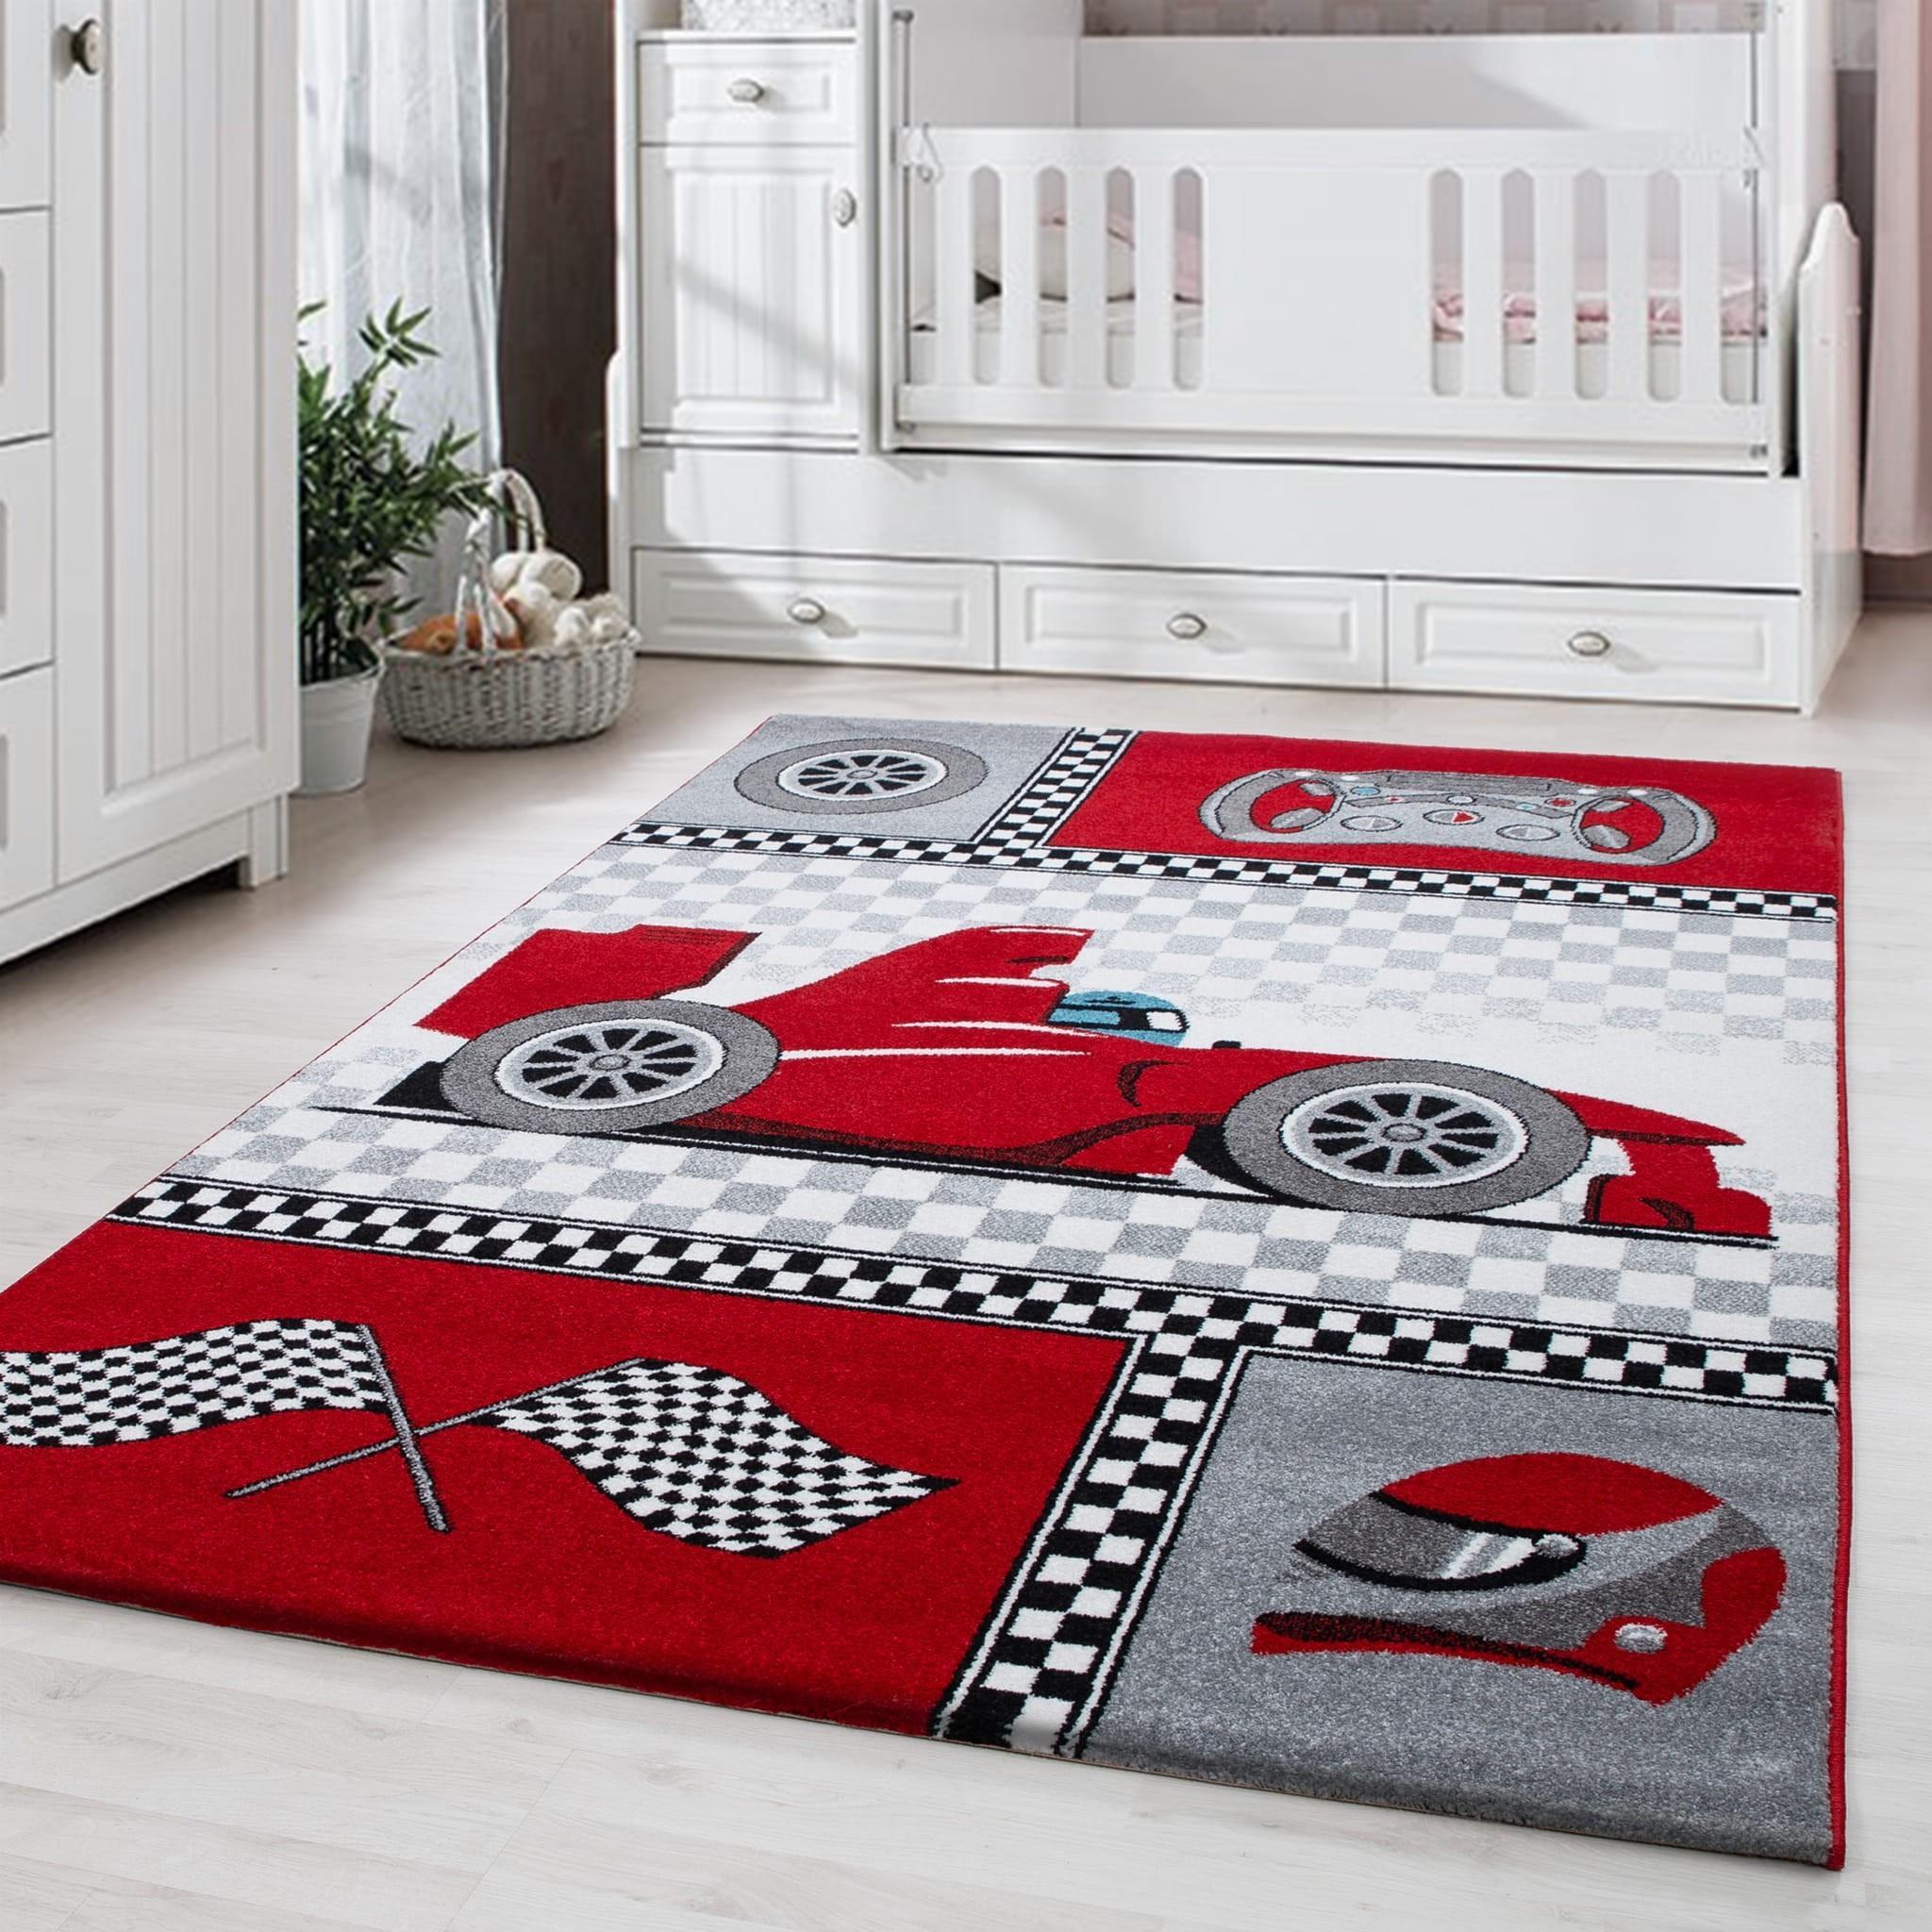 DomTextilu Červený koberec do chlapčenskej izby formula 42006-197353